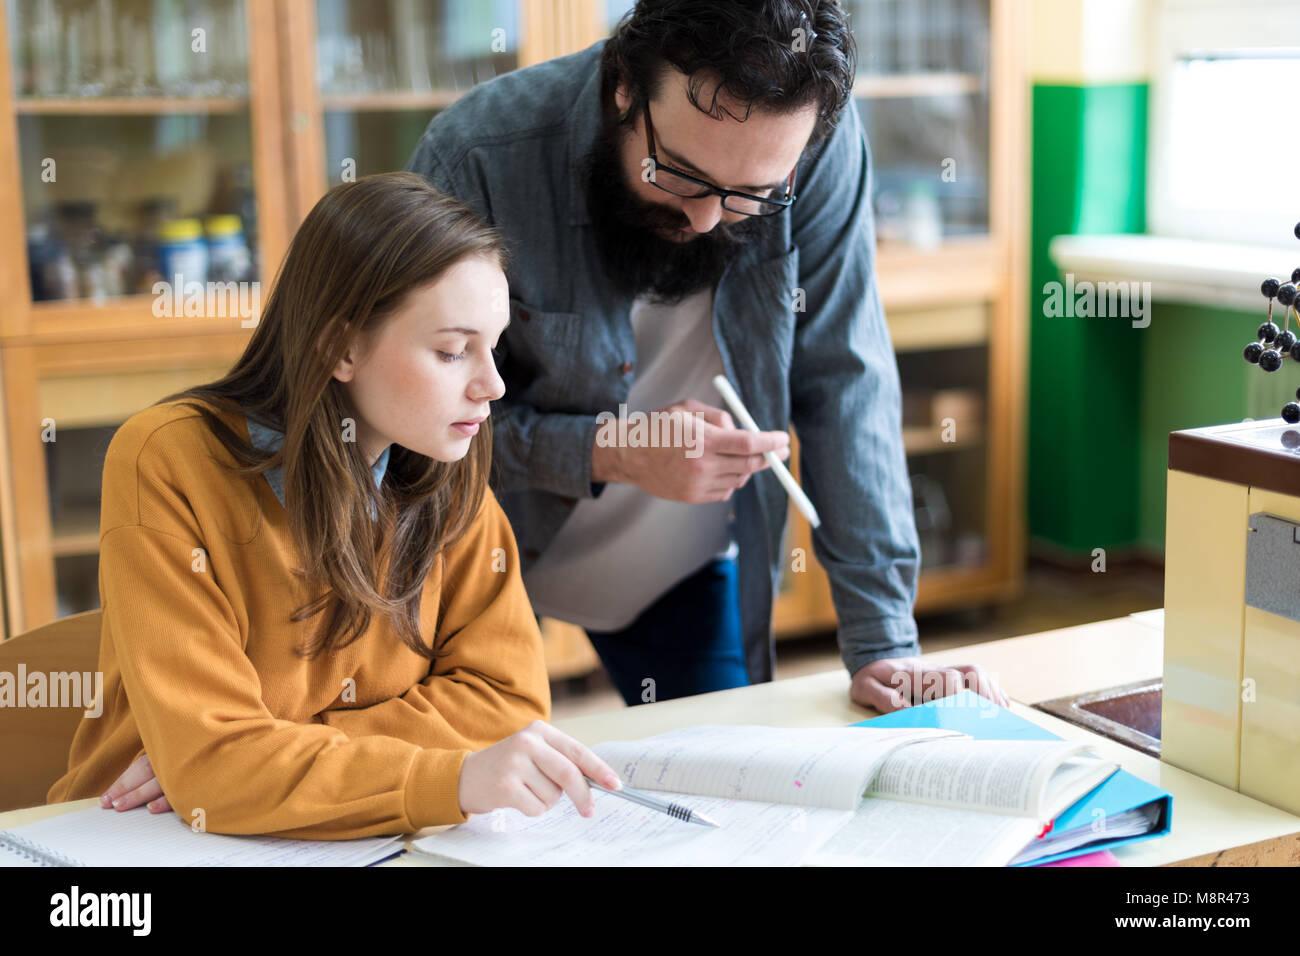 Giovane insegnante aiutando il suo studente in chimica classe. Istruzione, tutoring e incoraggiamento del concetto. Immagini Stock